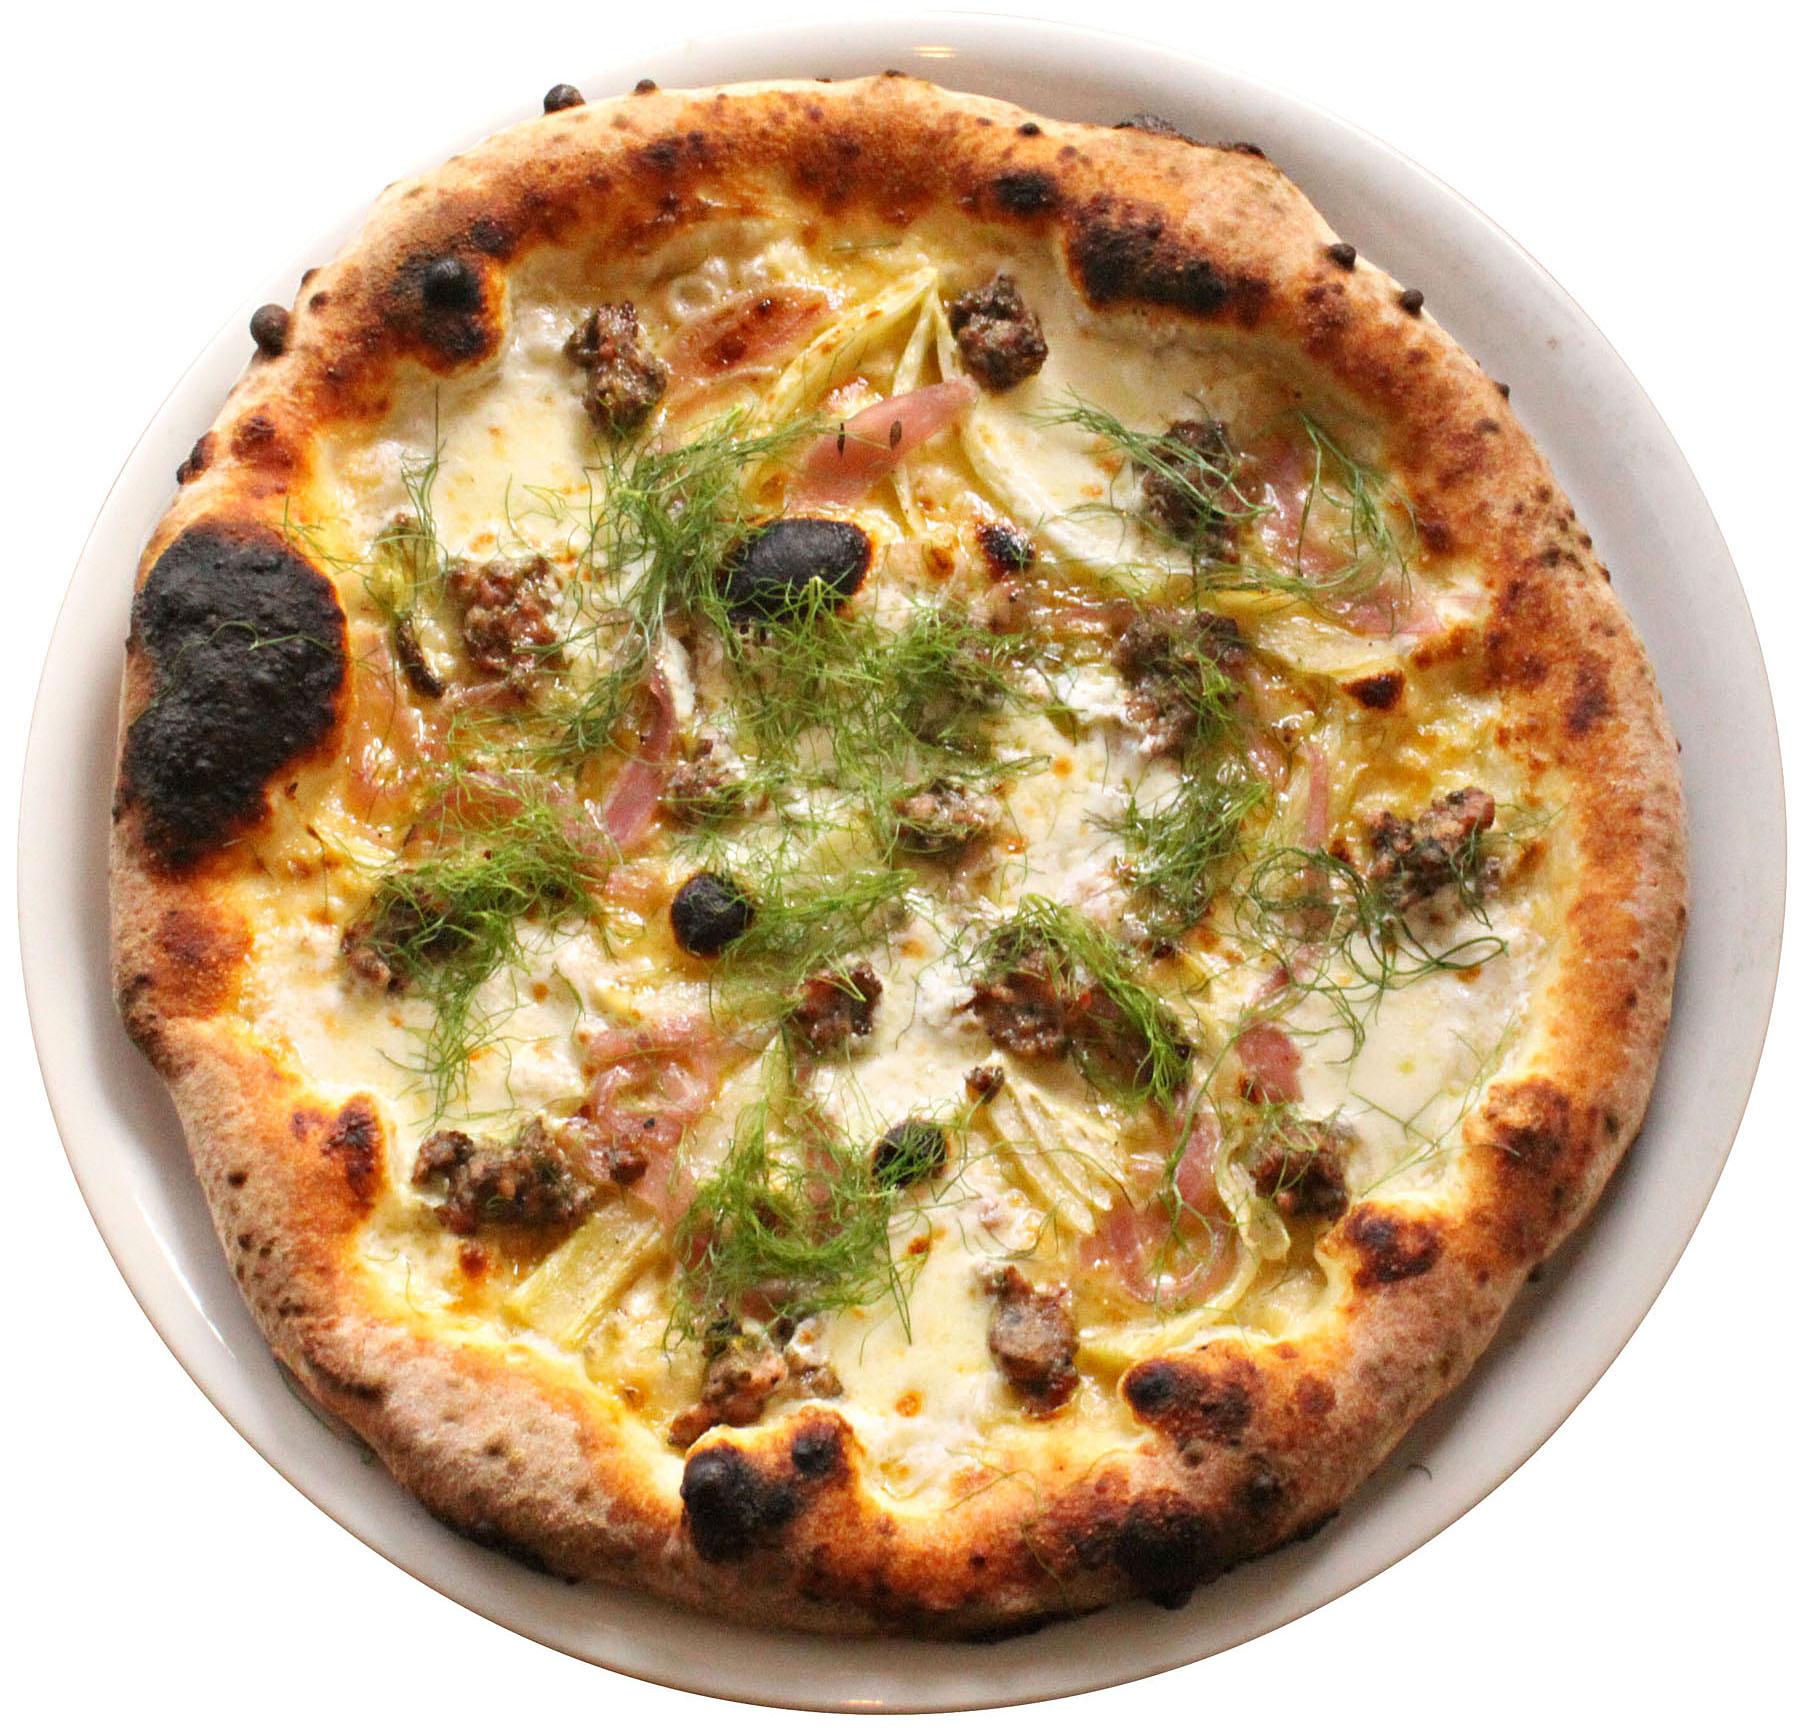 Mozzeria pizza